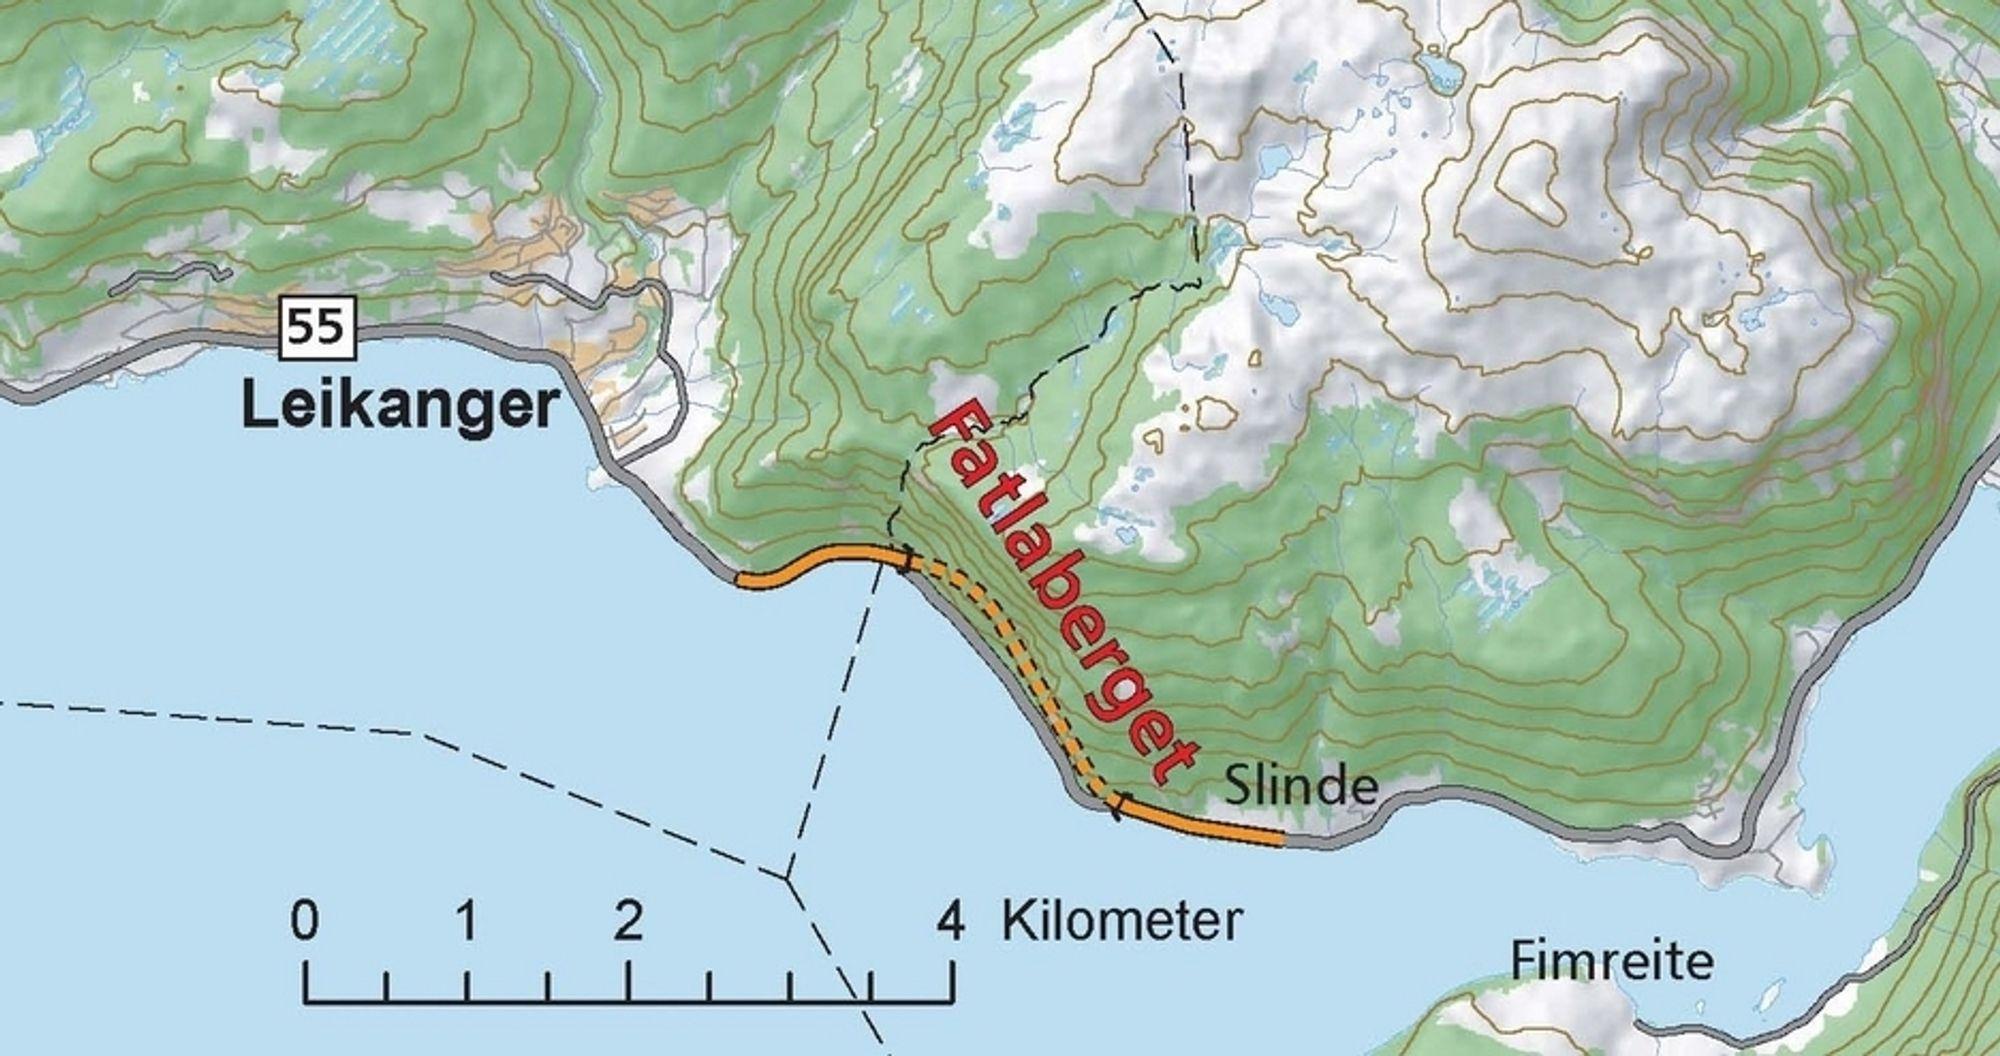 Riksveg 55 langs foten av Fatlaberget er svært rasutsatt. Til tross for høye anbud ser det nå ut til at tunnelen som skal sikre vegen blir ferdig i november 2008, slik framdriftsplanen forutsetter. (Ill.: Statens vegvesen)